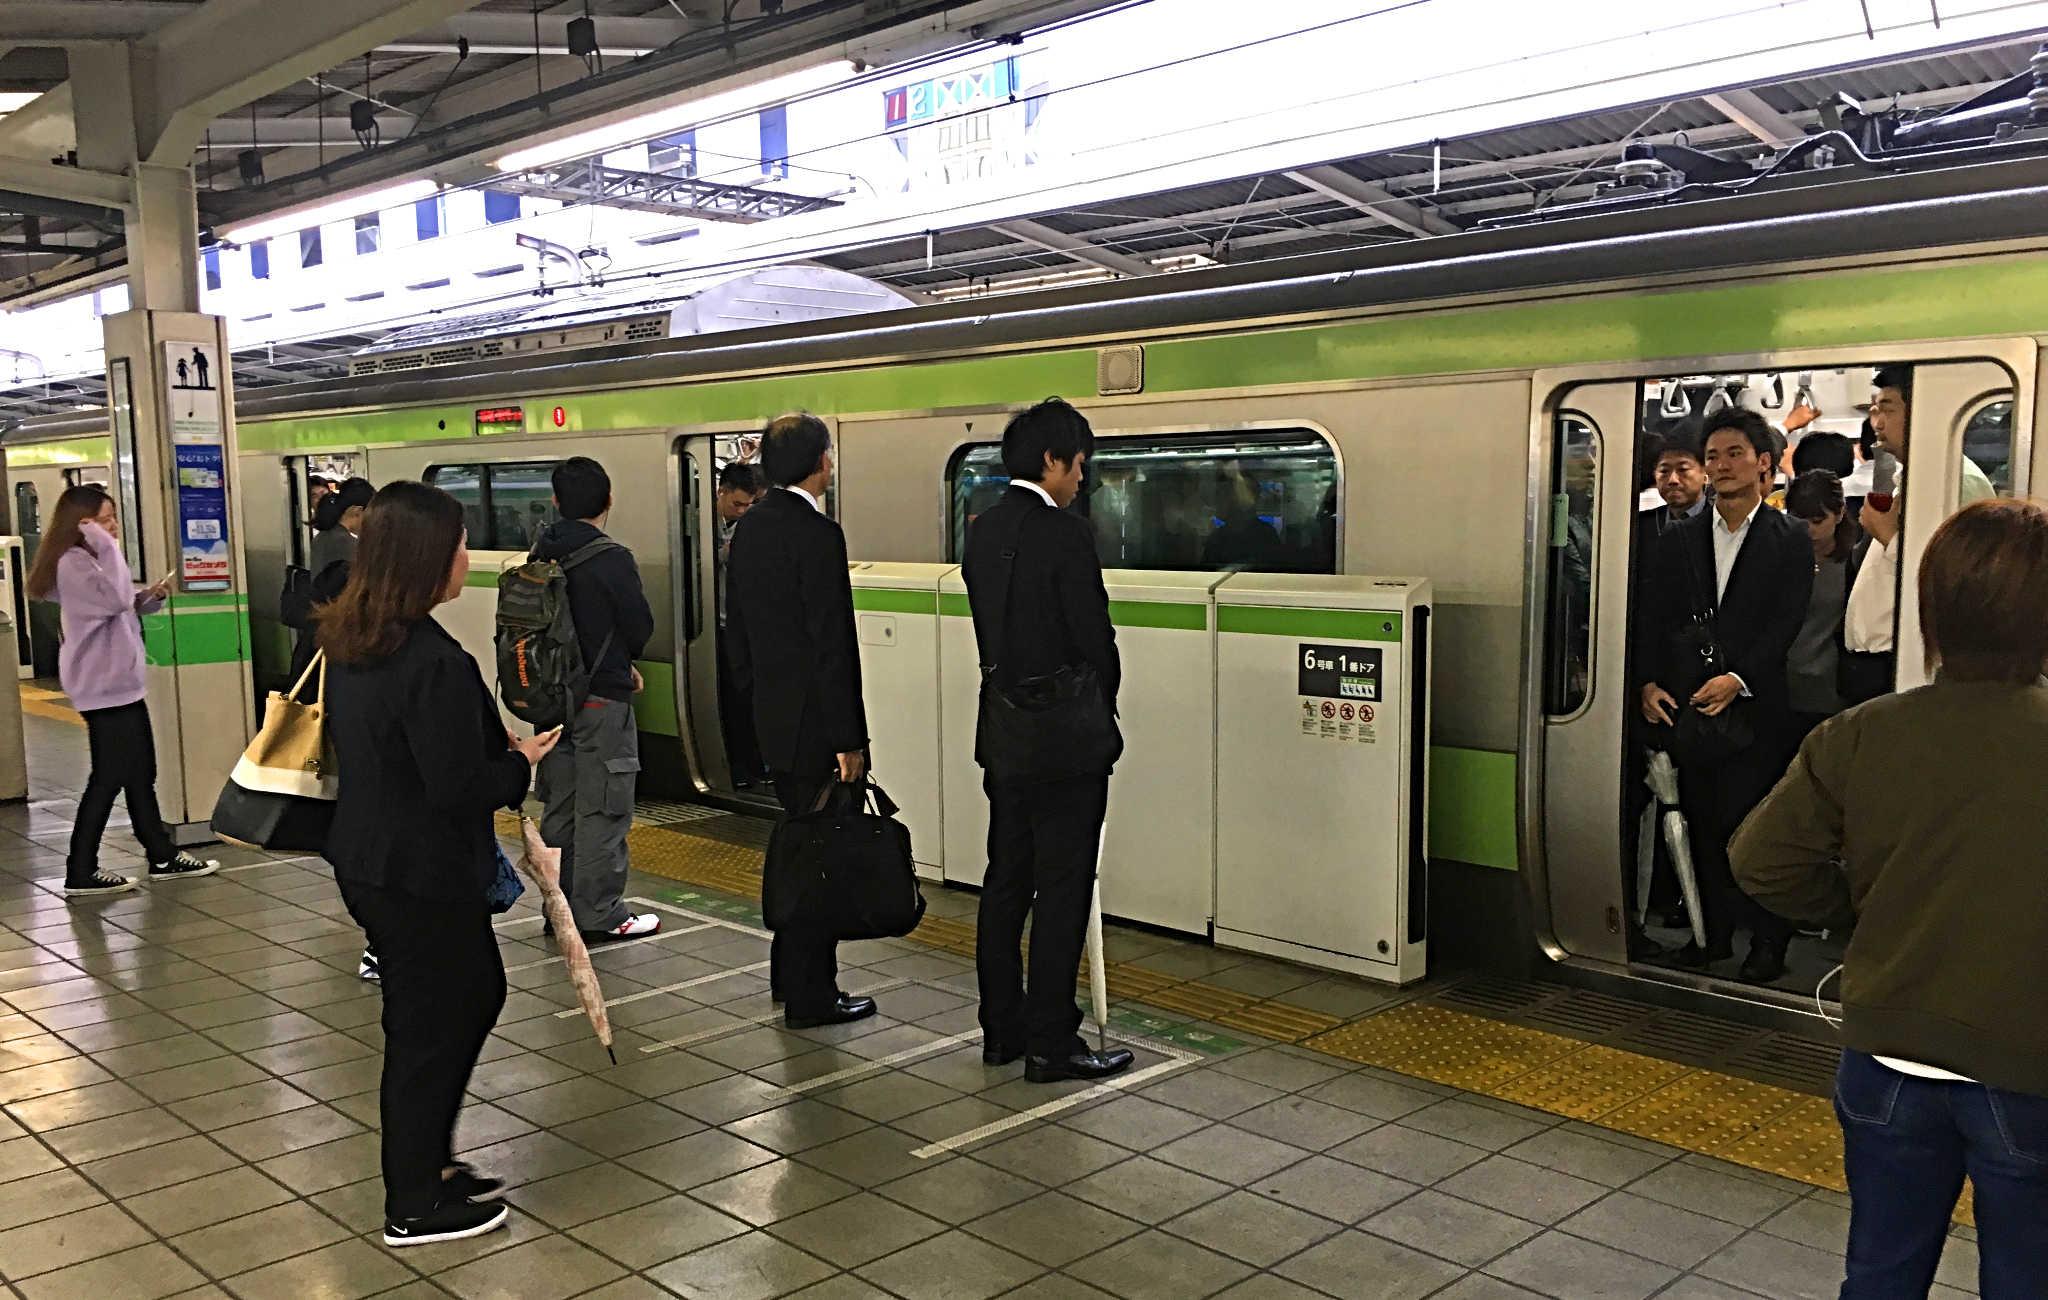 Sur le quai du métro, tout le monde se met en file indienne pour attendre la rame